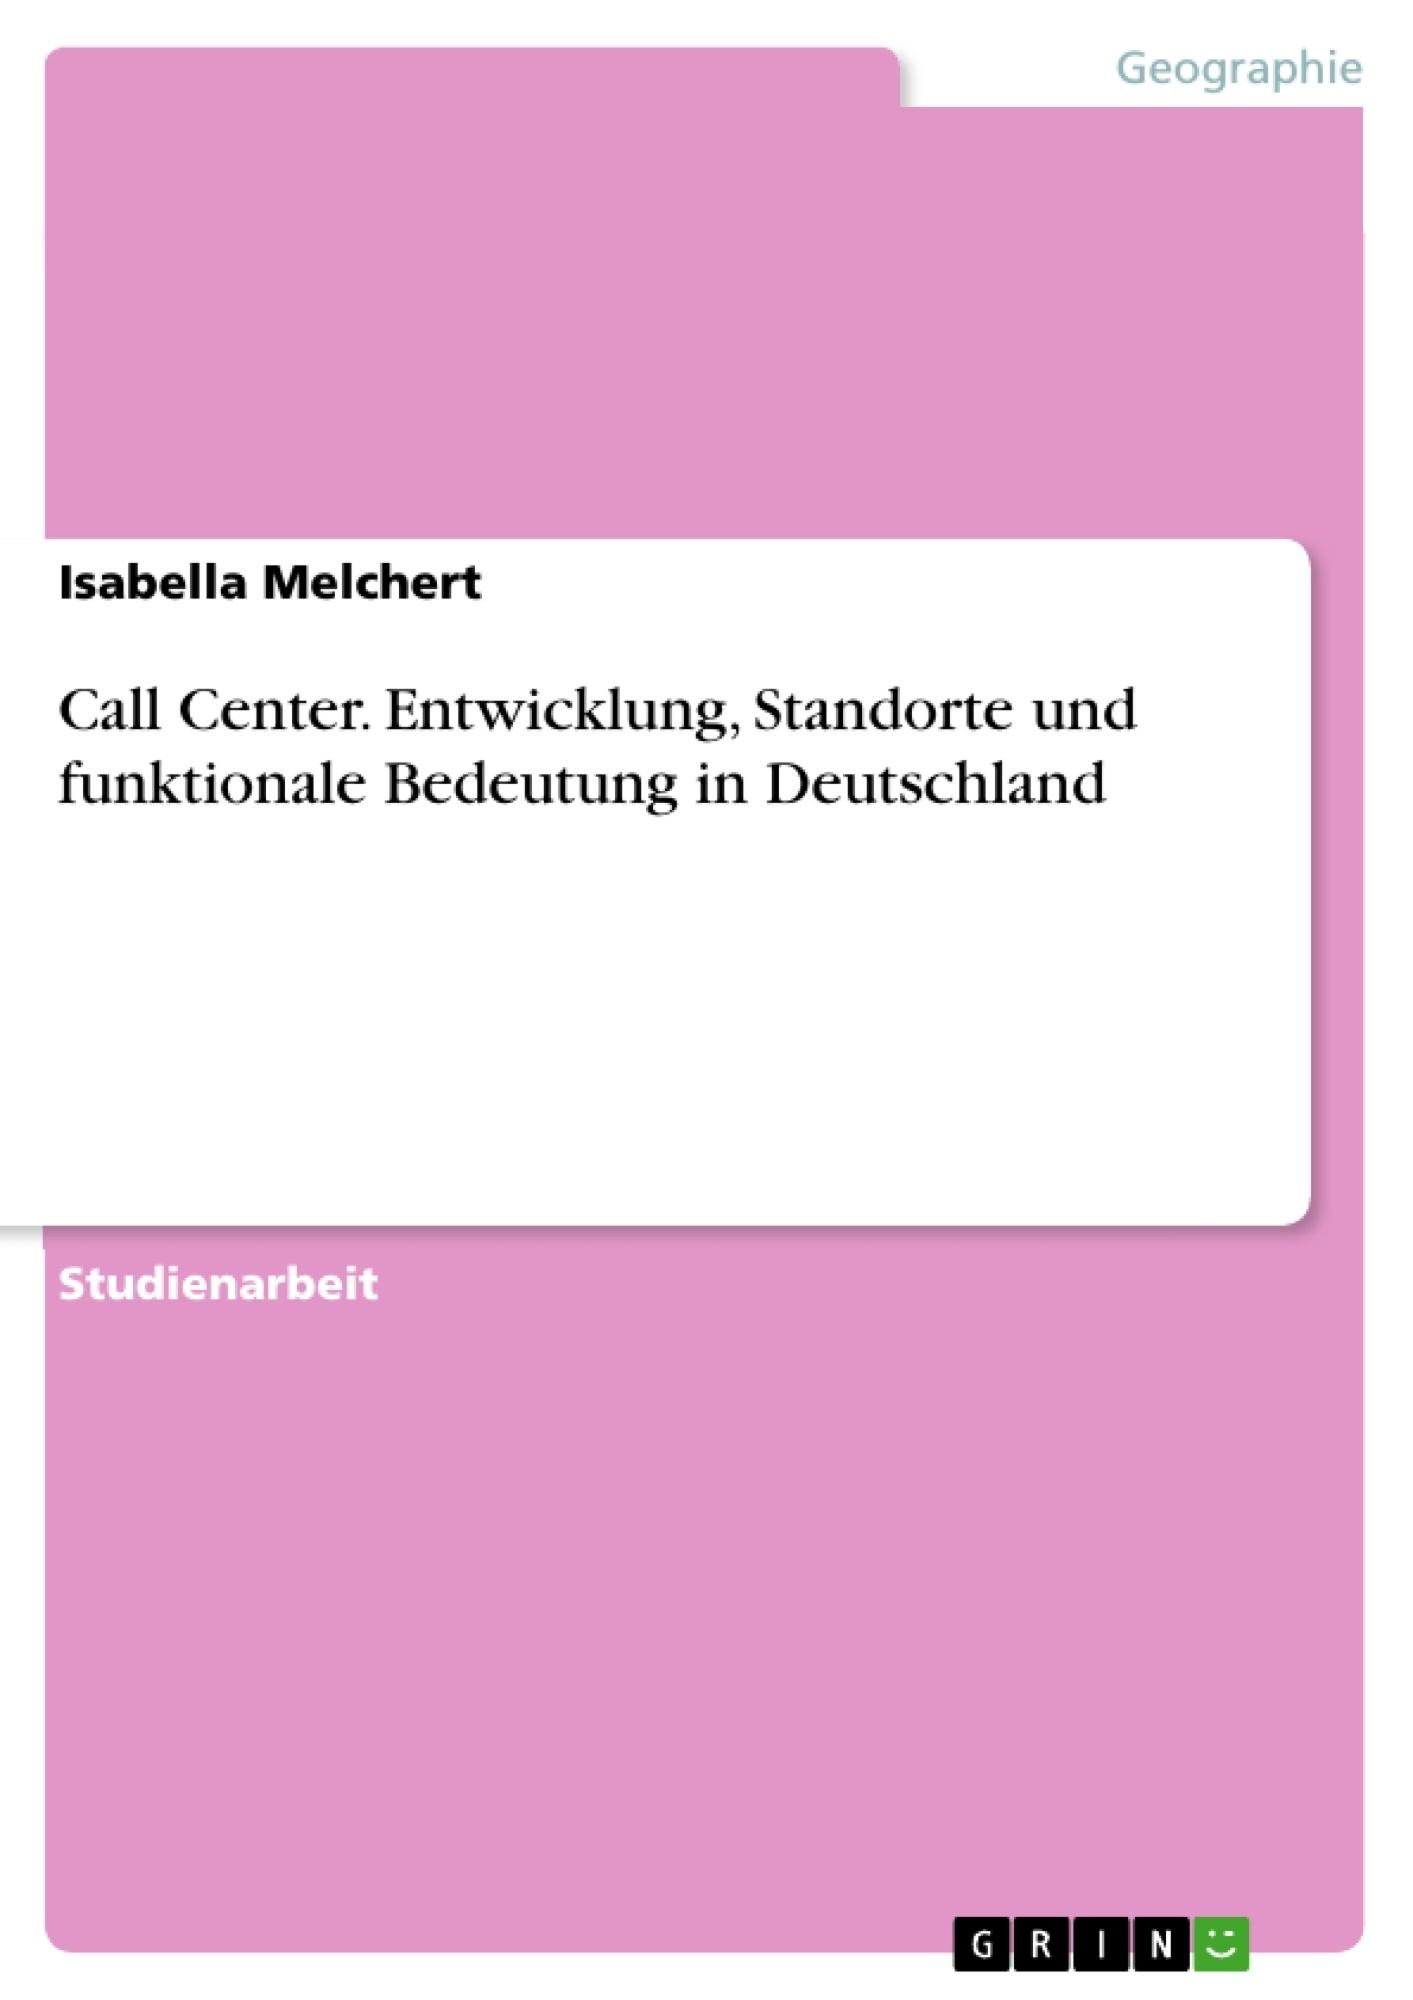 Titel: Call Center. Entwicklung, Standorte und funktionale Bedeutung in Deutschland